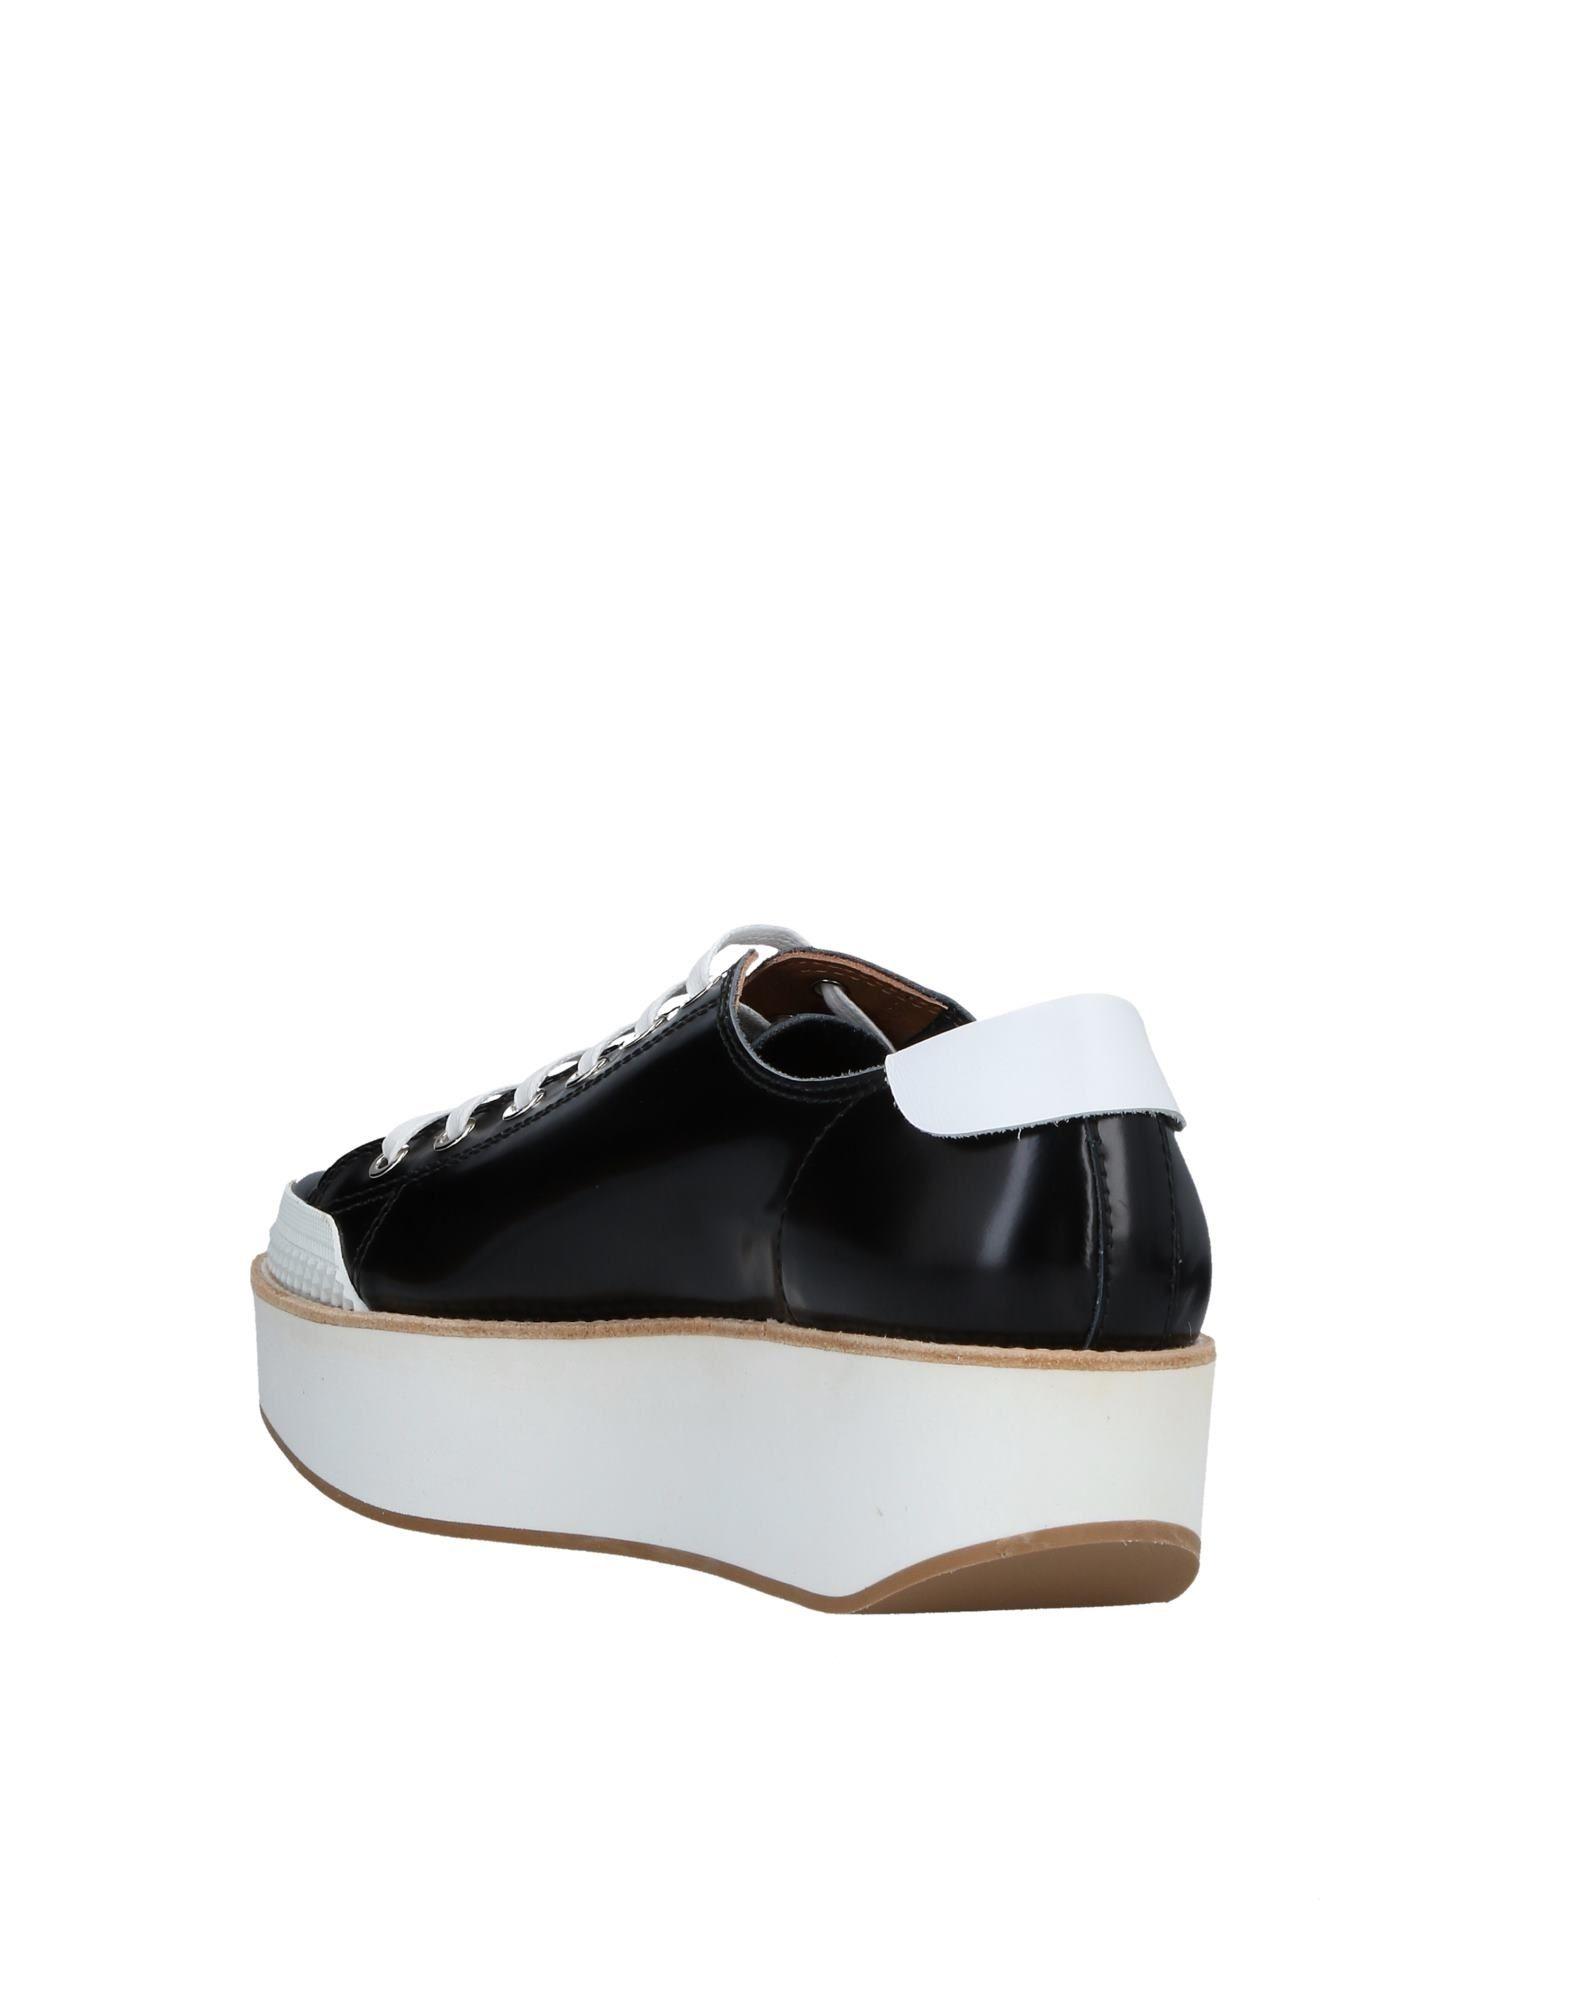 Stilvolle billige Schuhe Flamingos  Sneakers Damen  Flamingos 11512767HU 3be1da